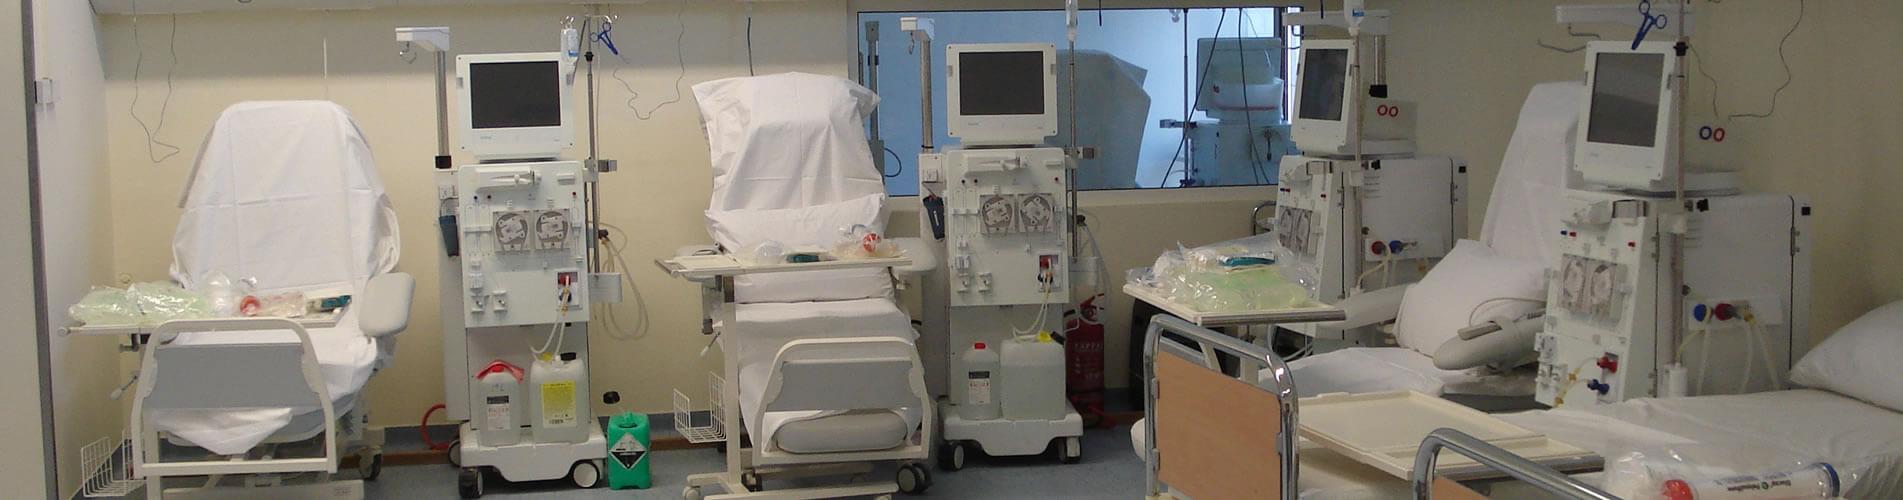 Νεφρολογικό Κέντρο Σαρωνικού - Εσωτερικά 2